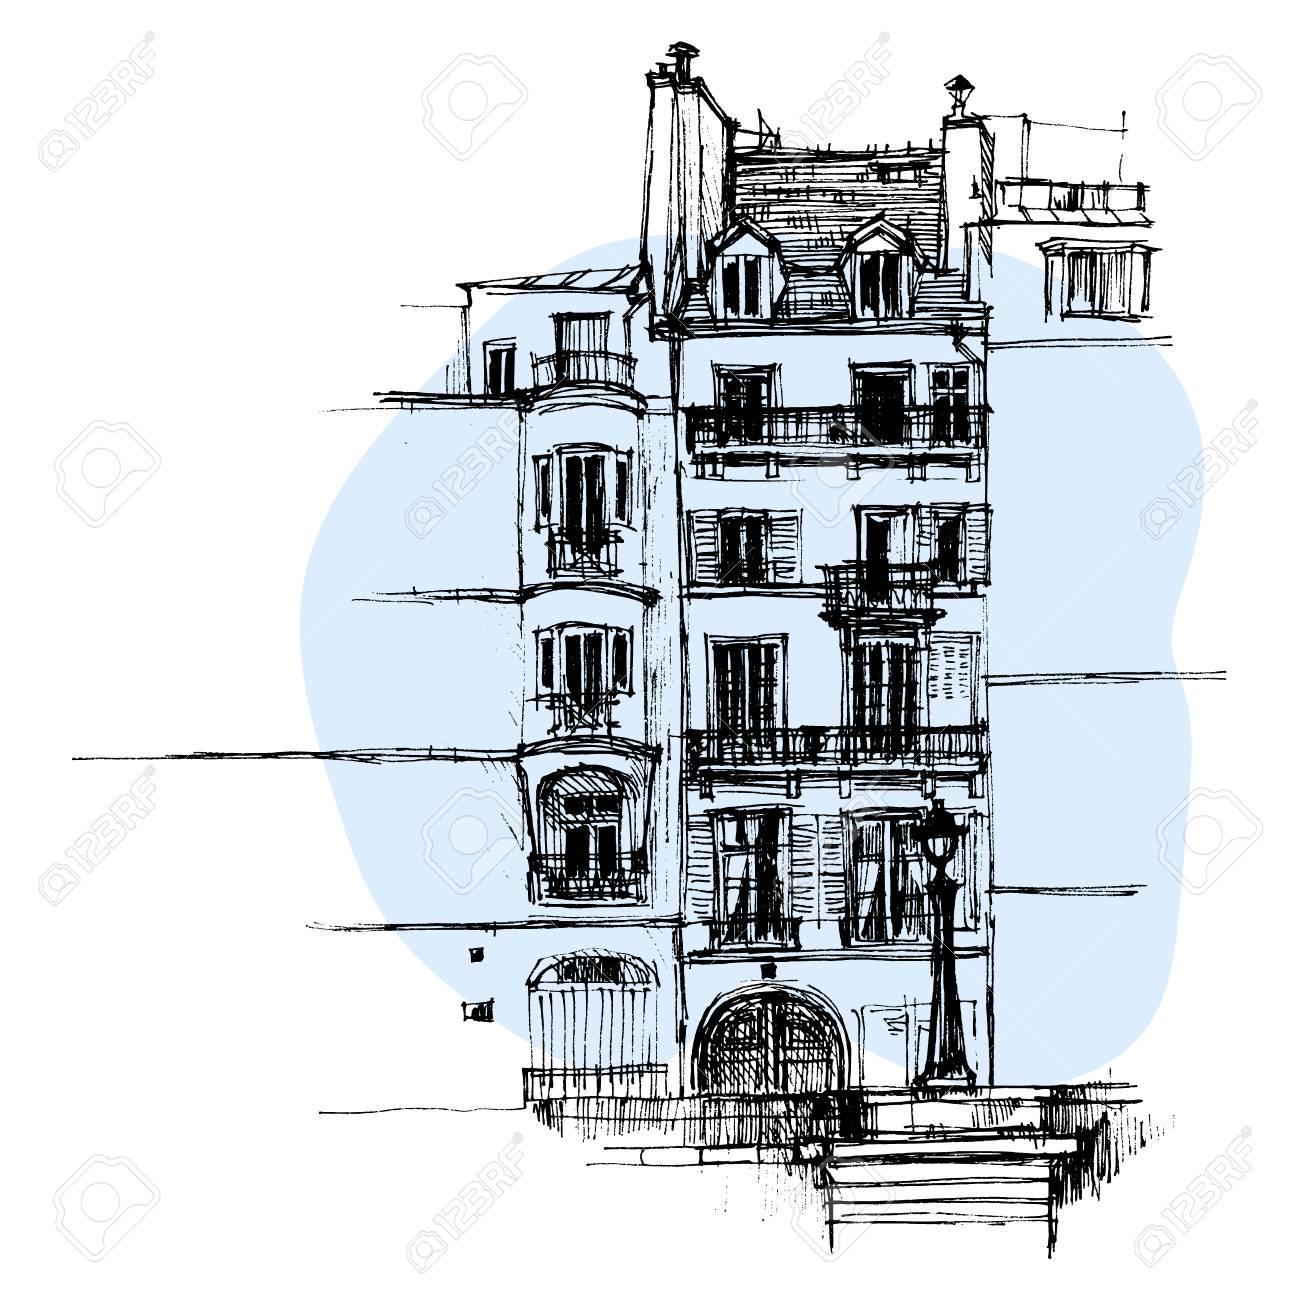 Maison de Paris dessinés à la main, croquis urbain style vector  illustration isolée sur fond bleu. Croquis, style, dessin, historique,  parisien, ...